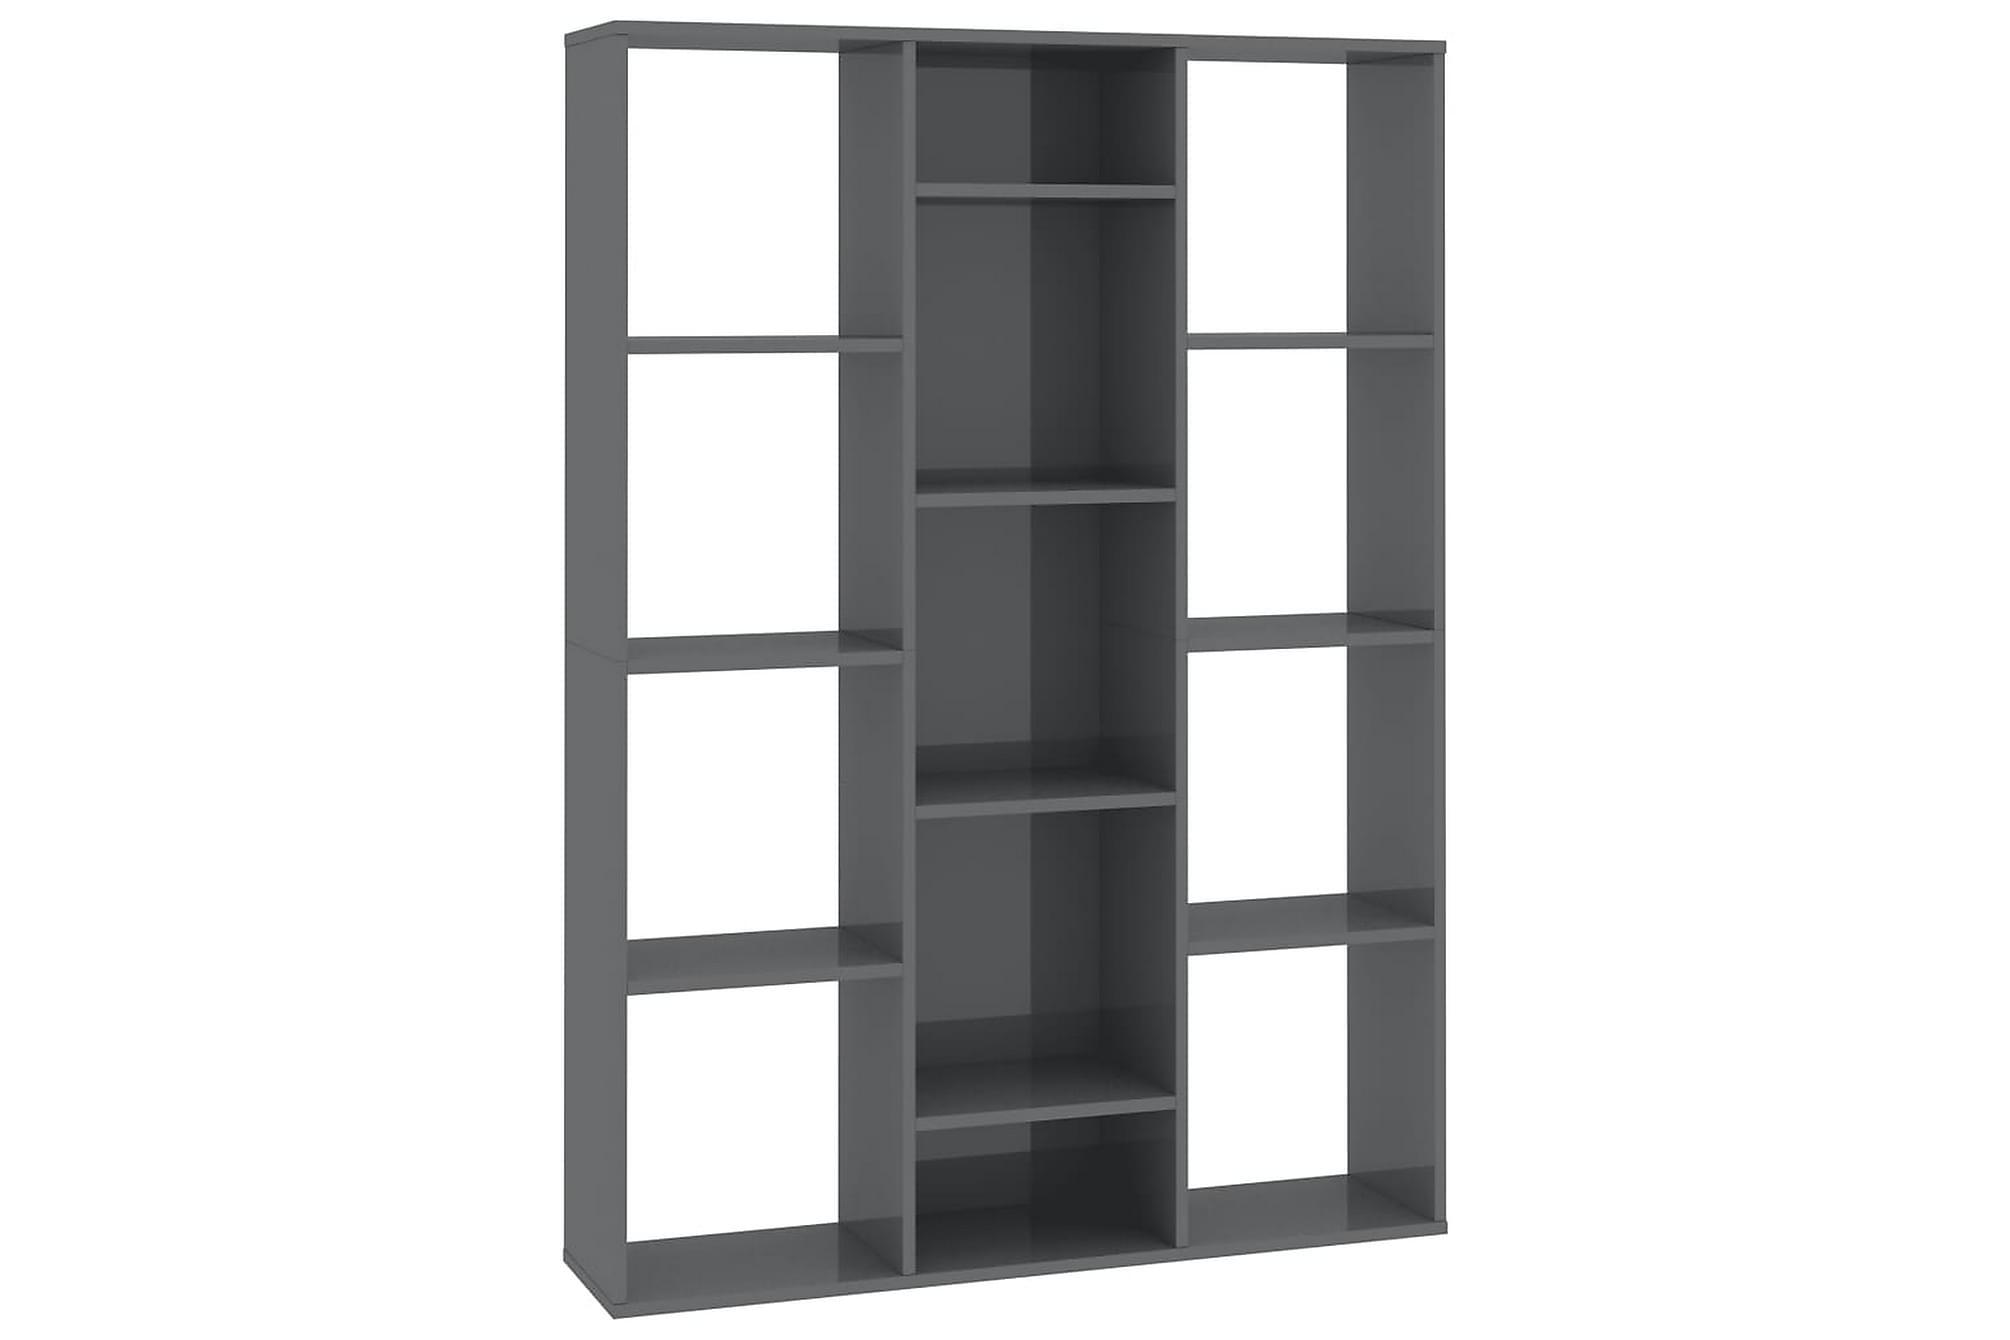 Rumsavdelare/bokhylla grå högglans 100x24x140 cm spånskiva